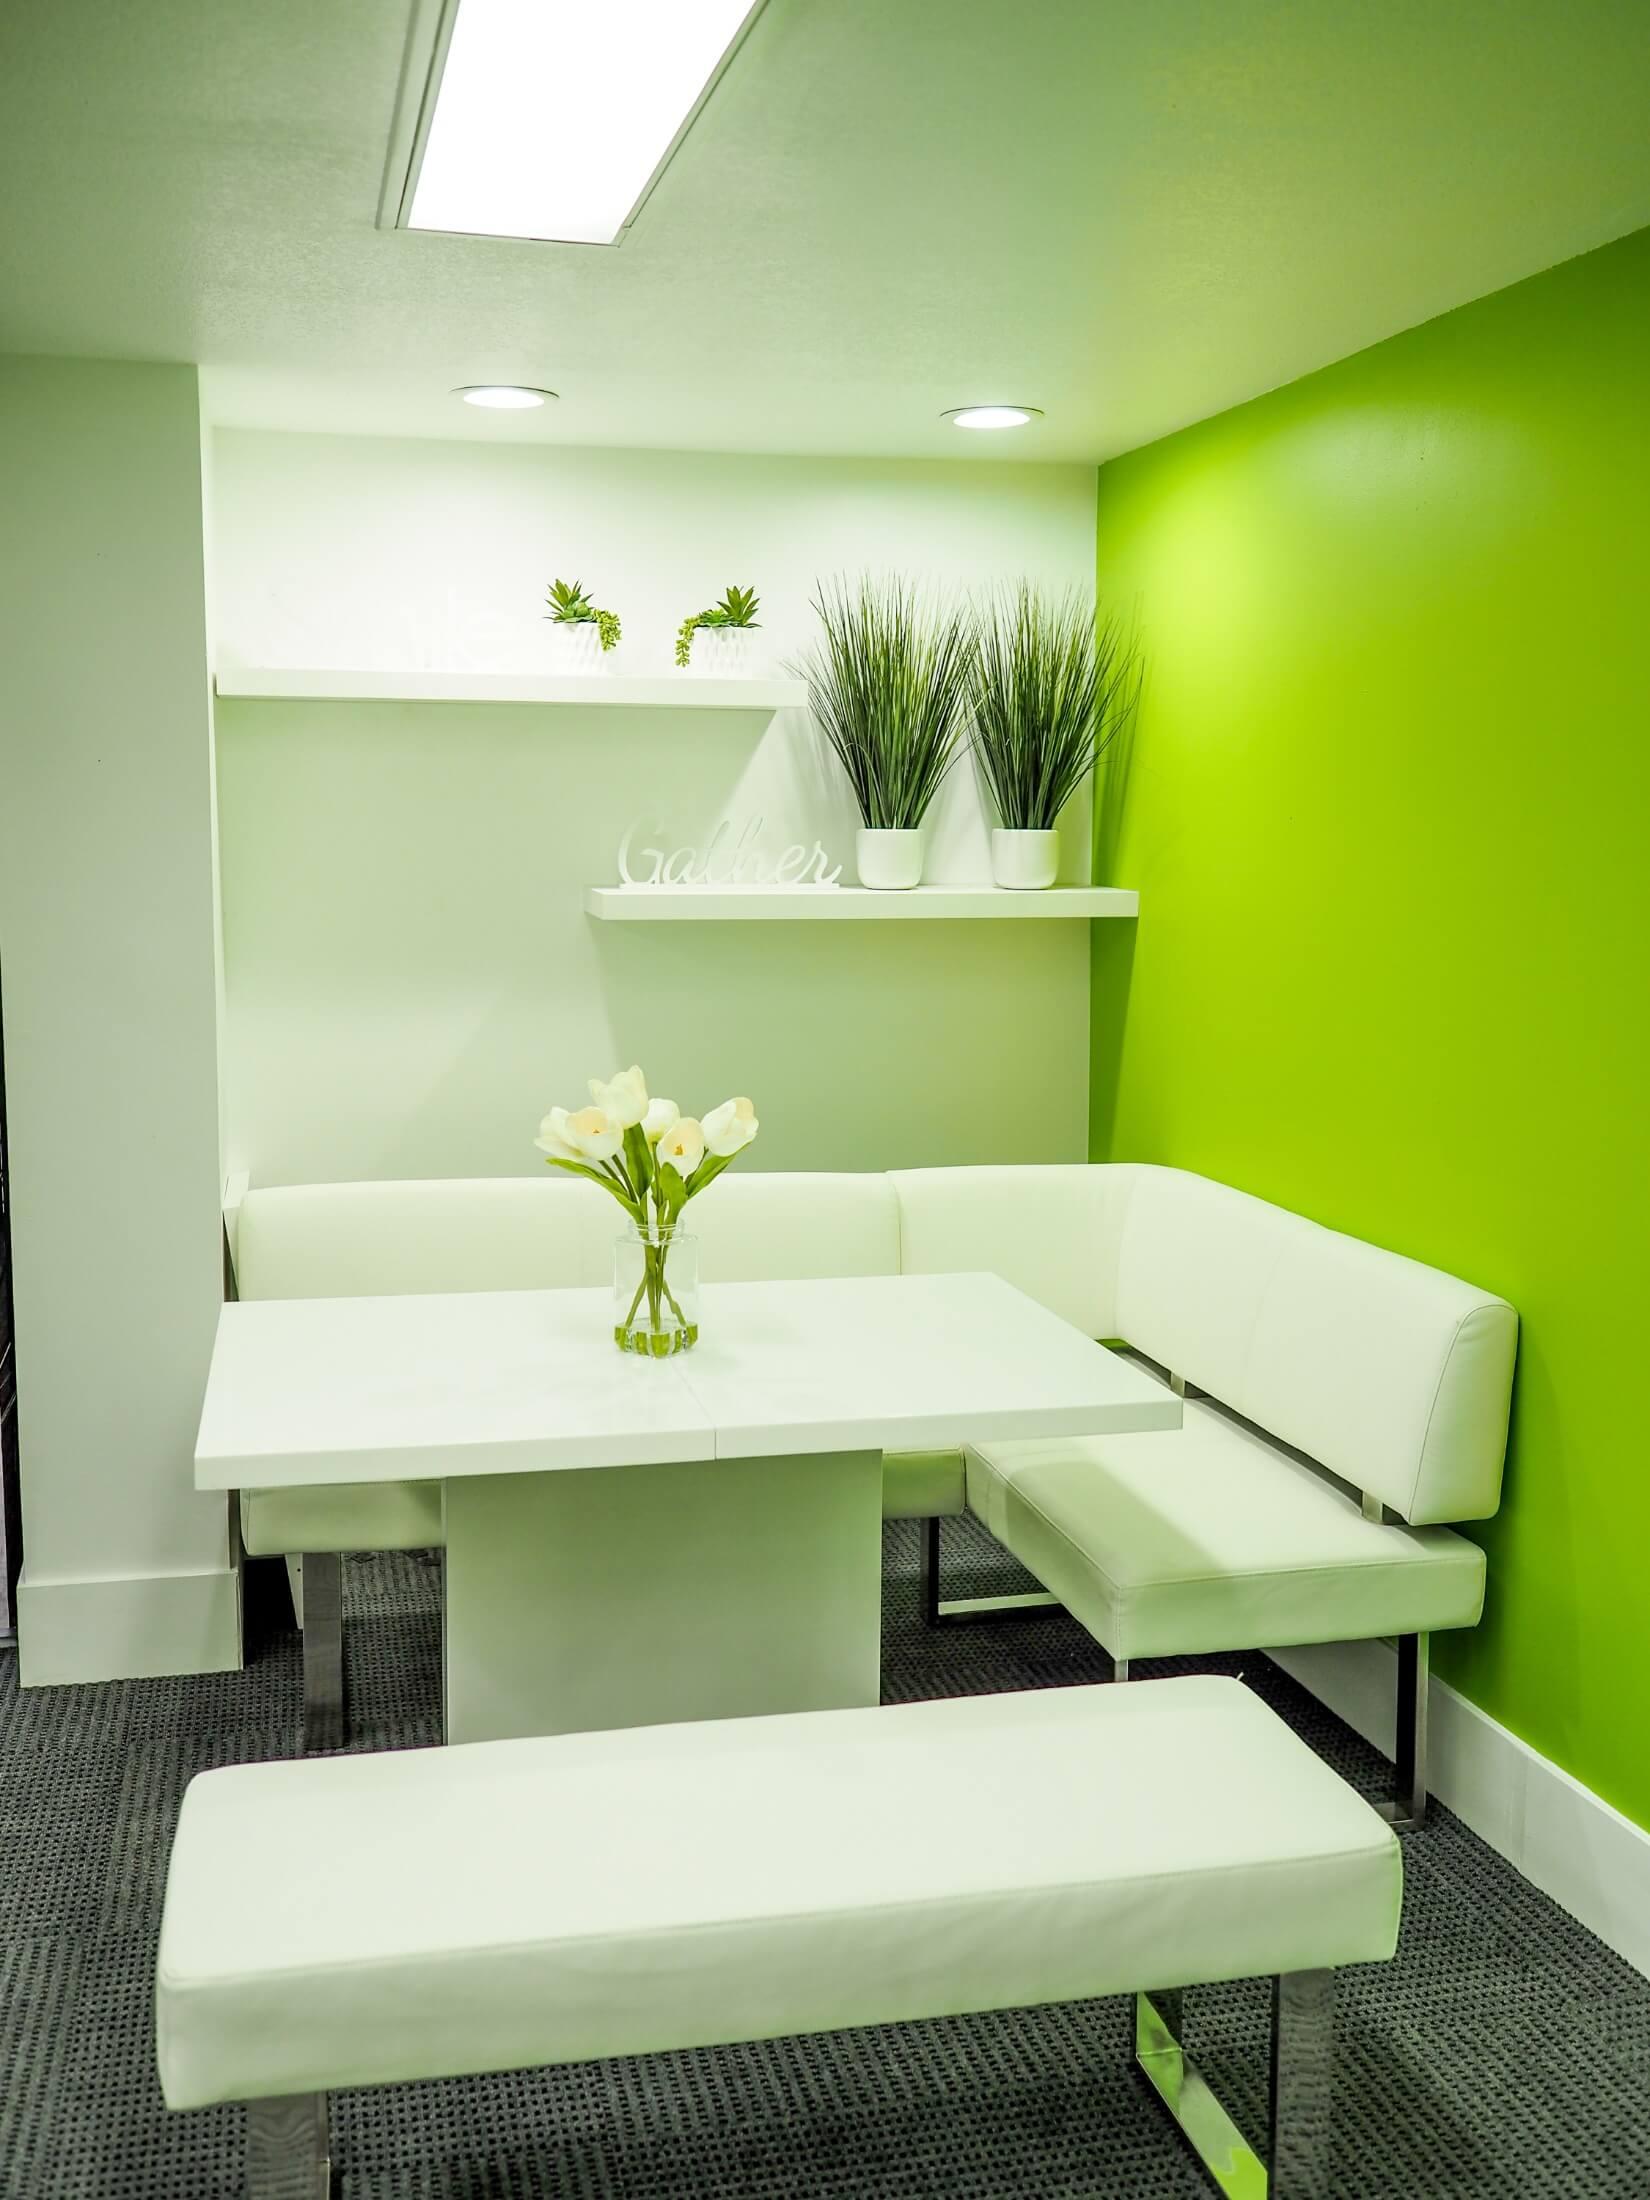 Nook corner in the rec room upstairs